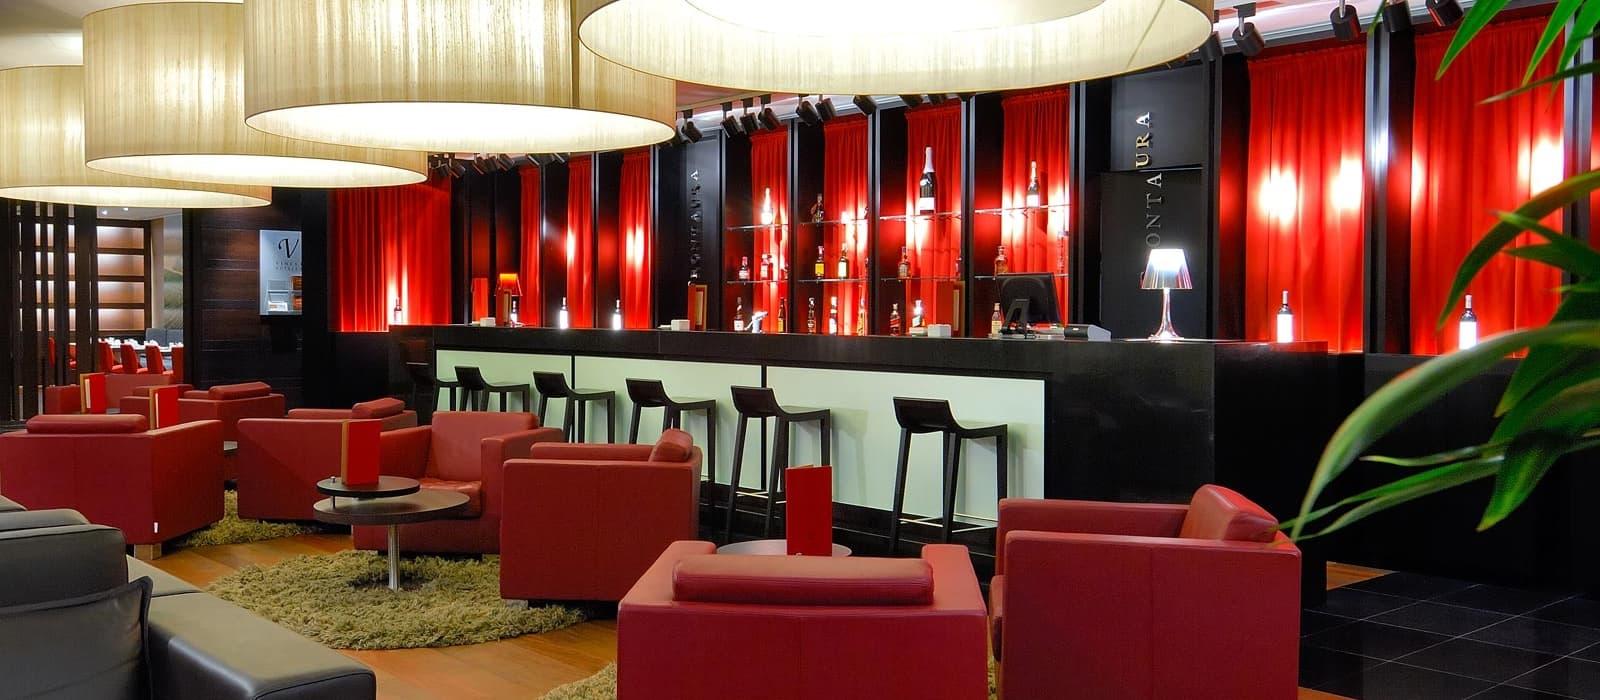 Hotel Valladolid Frontaura - Vincci Hoteles